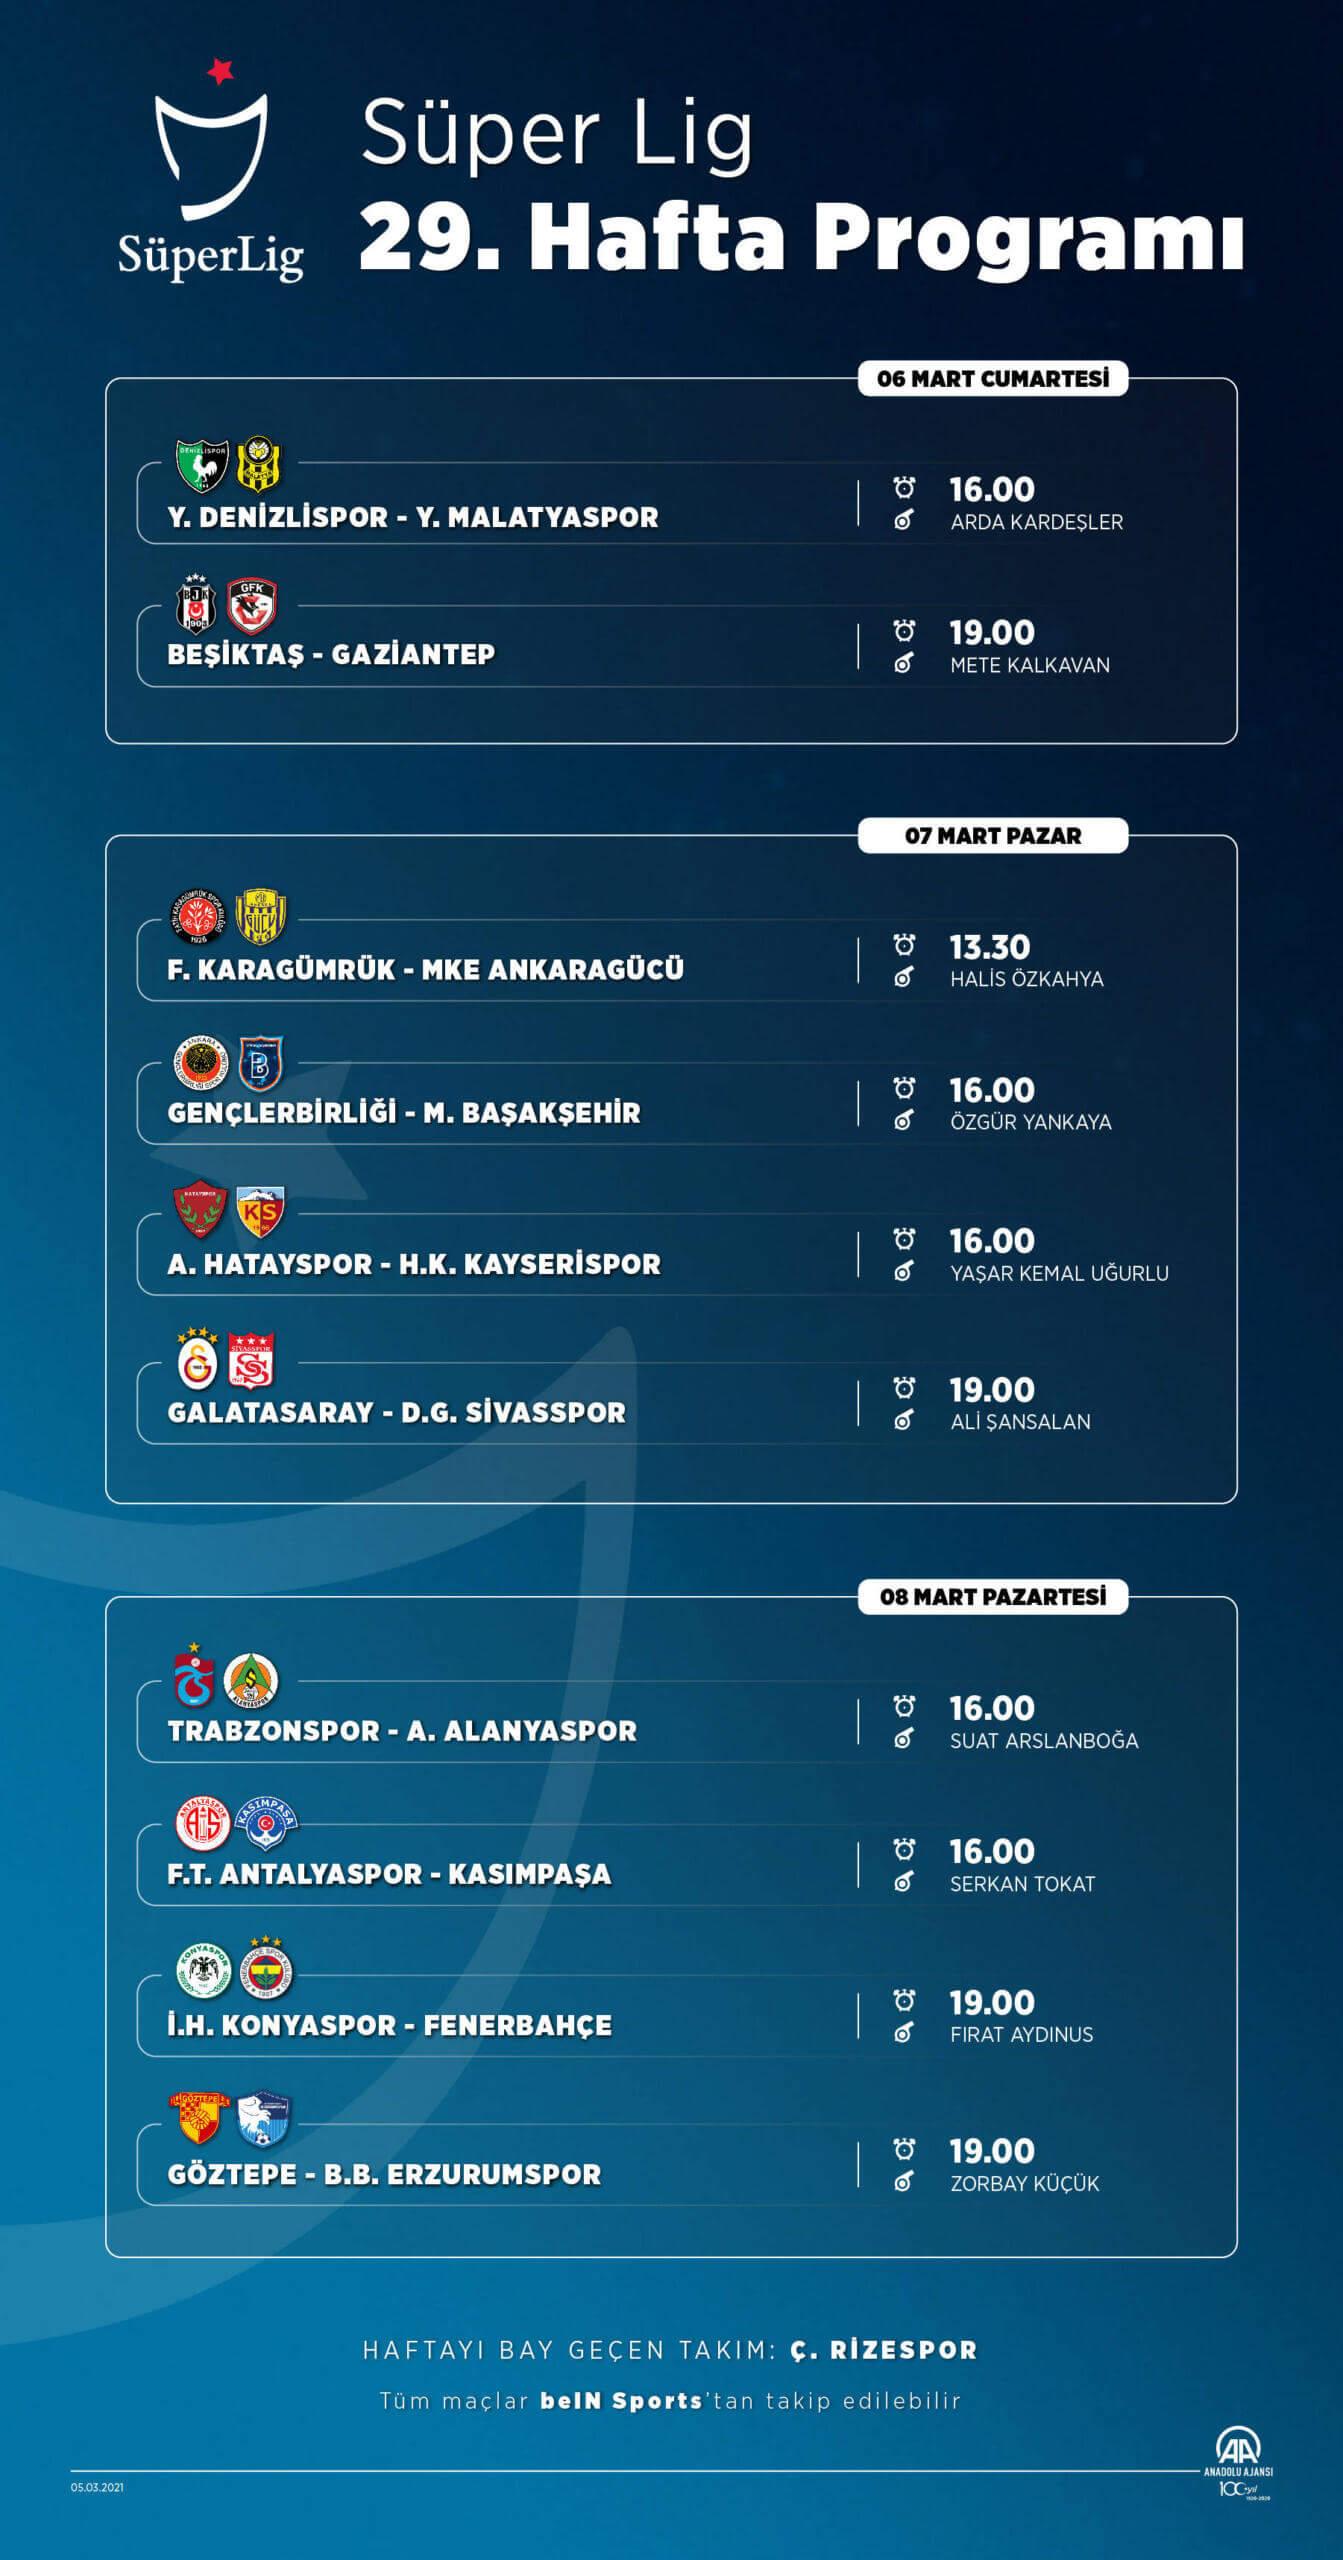 Süper Lig'de 29. haftanın programı